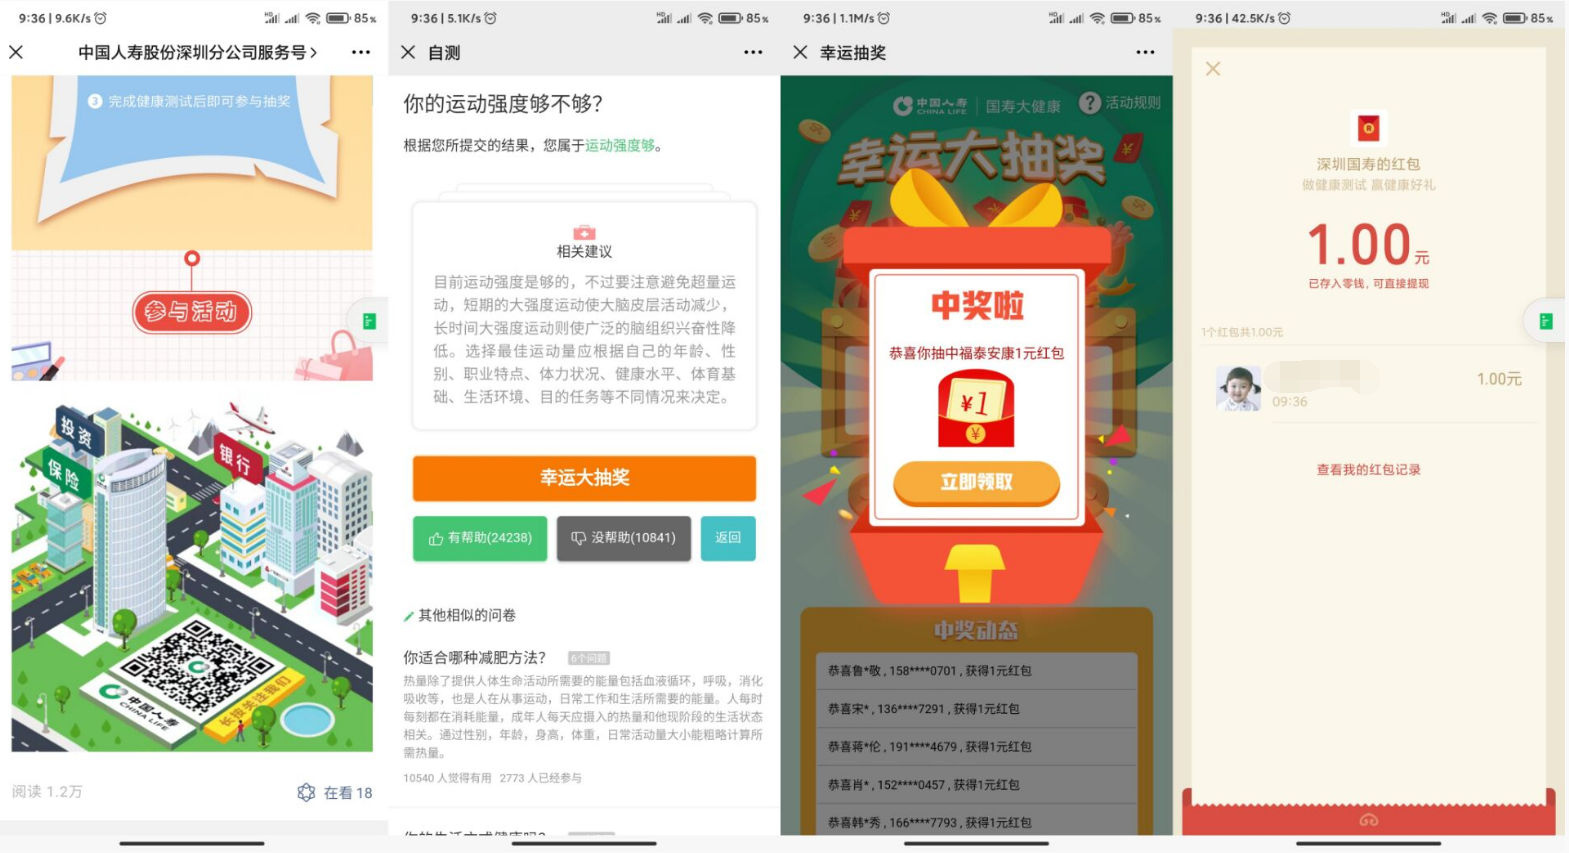 中国人寿抽取1元微信红包